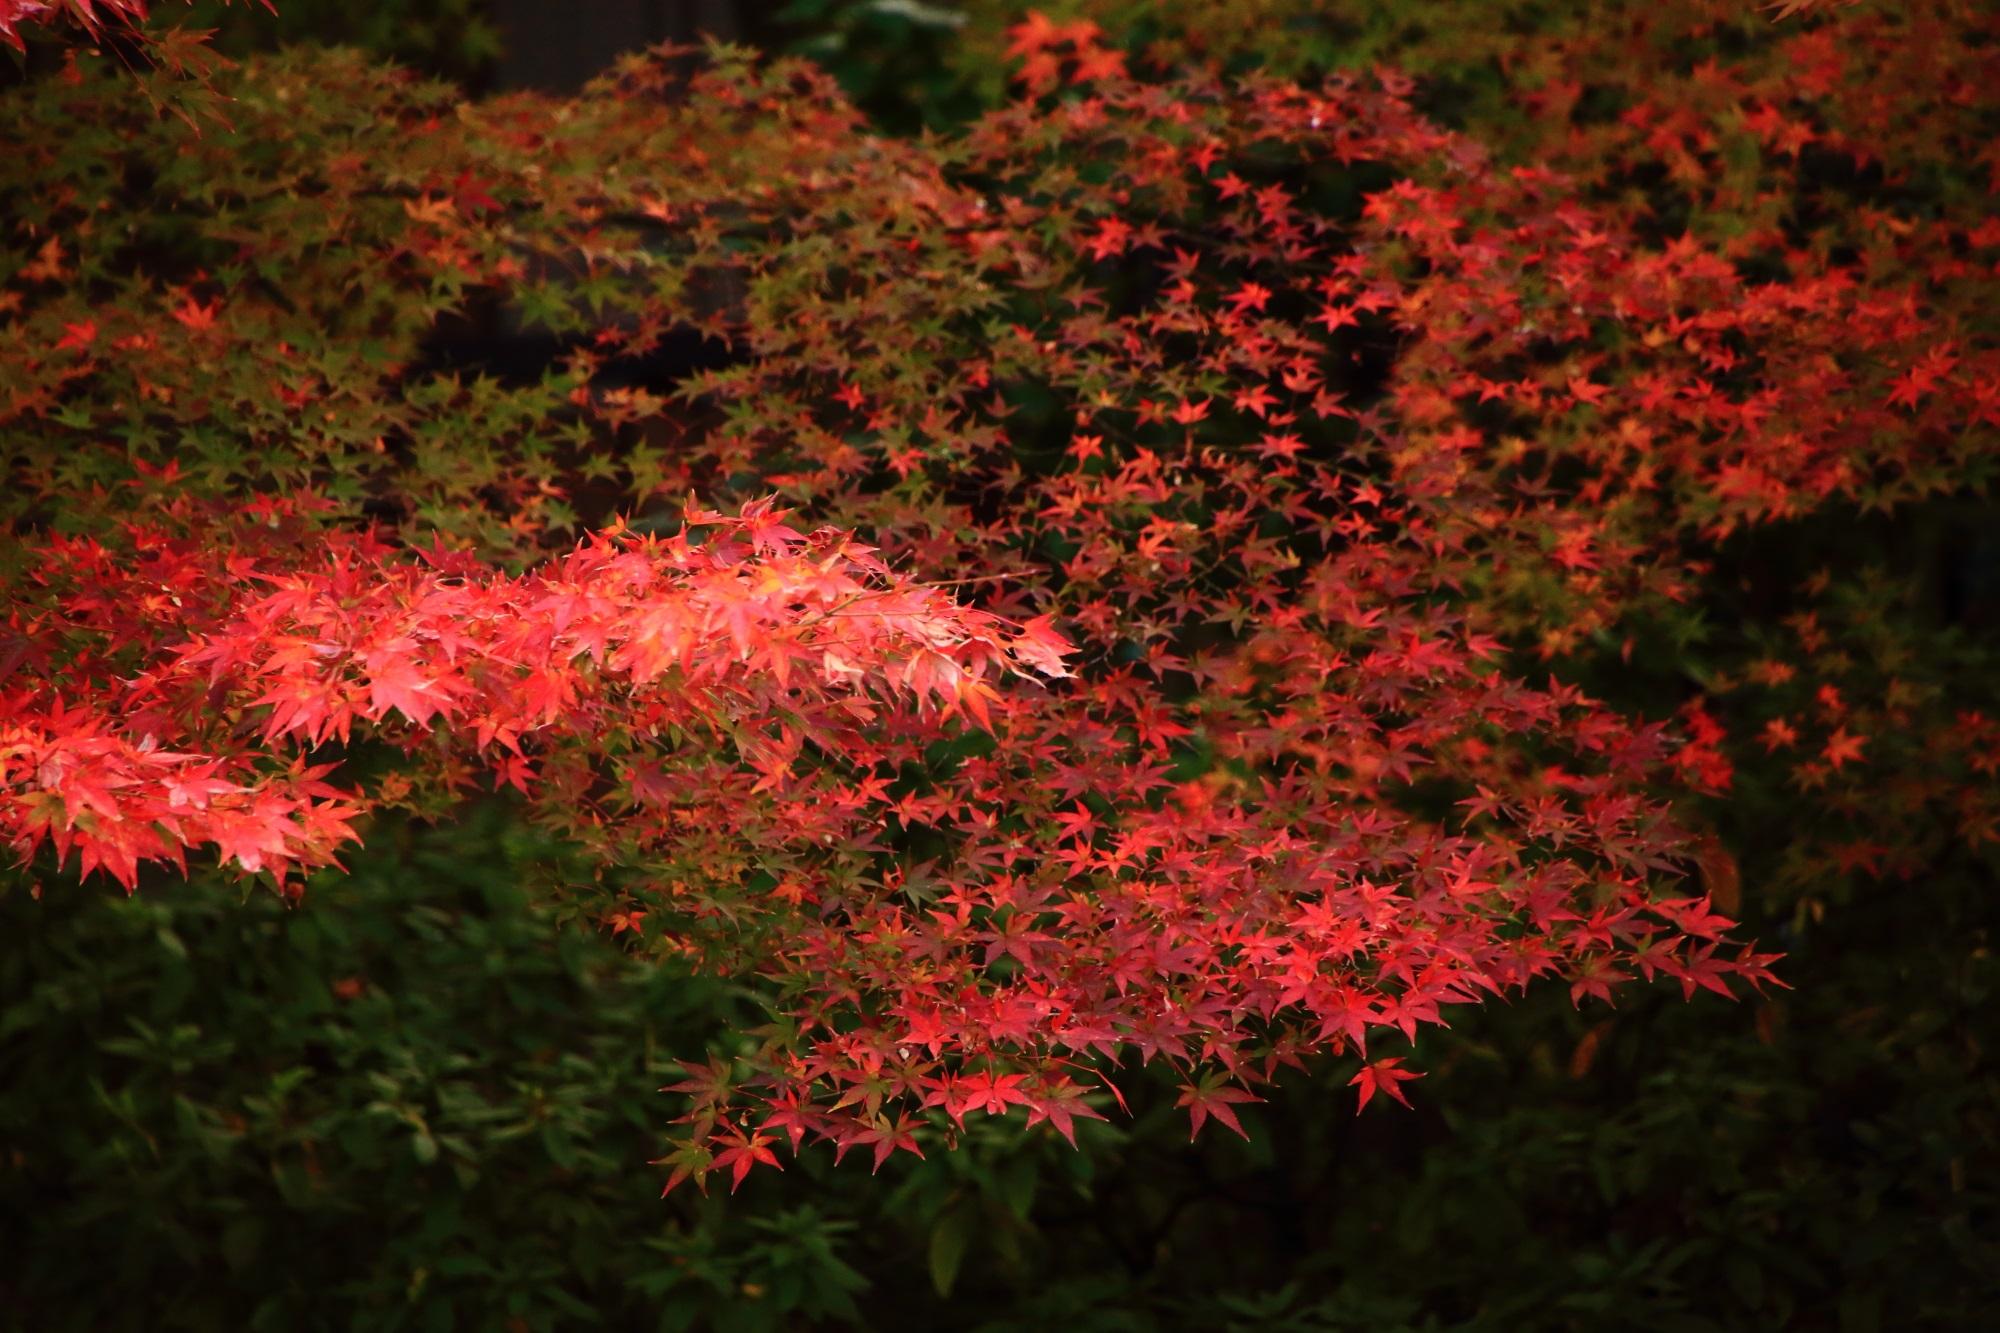 もみじの名所の圓徳院の南庭の見ごろの優美な紅葉